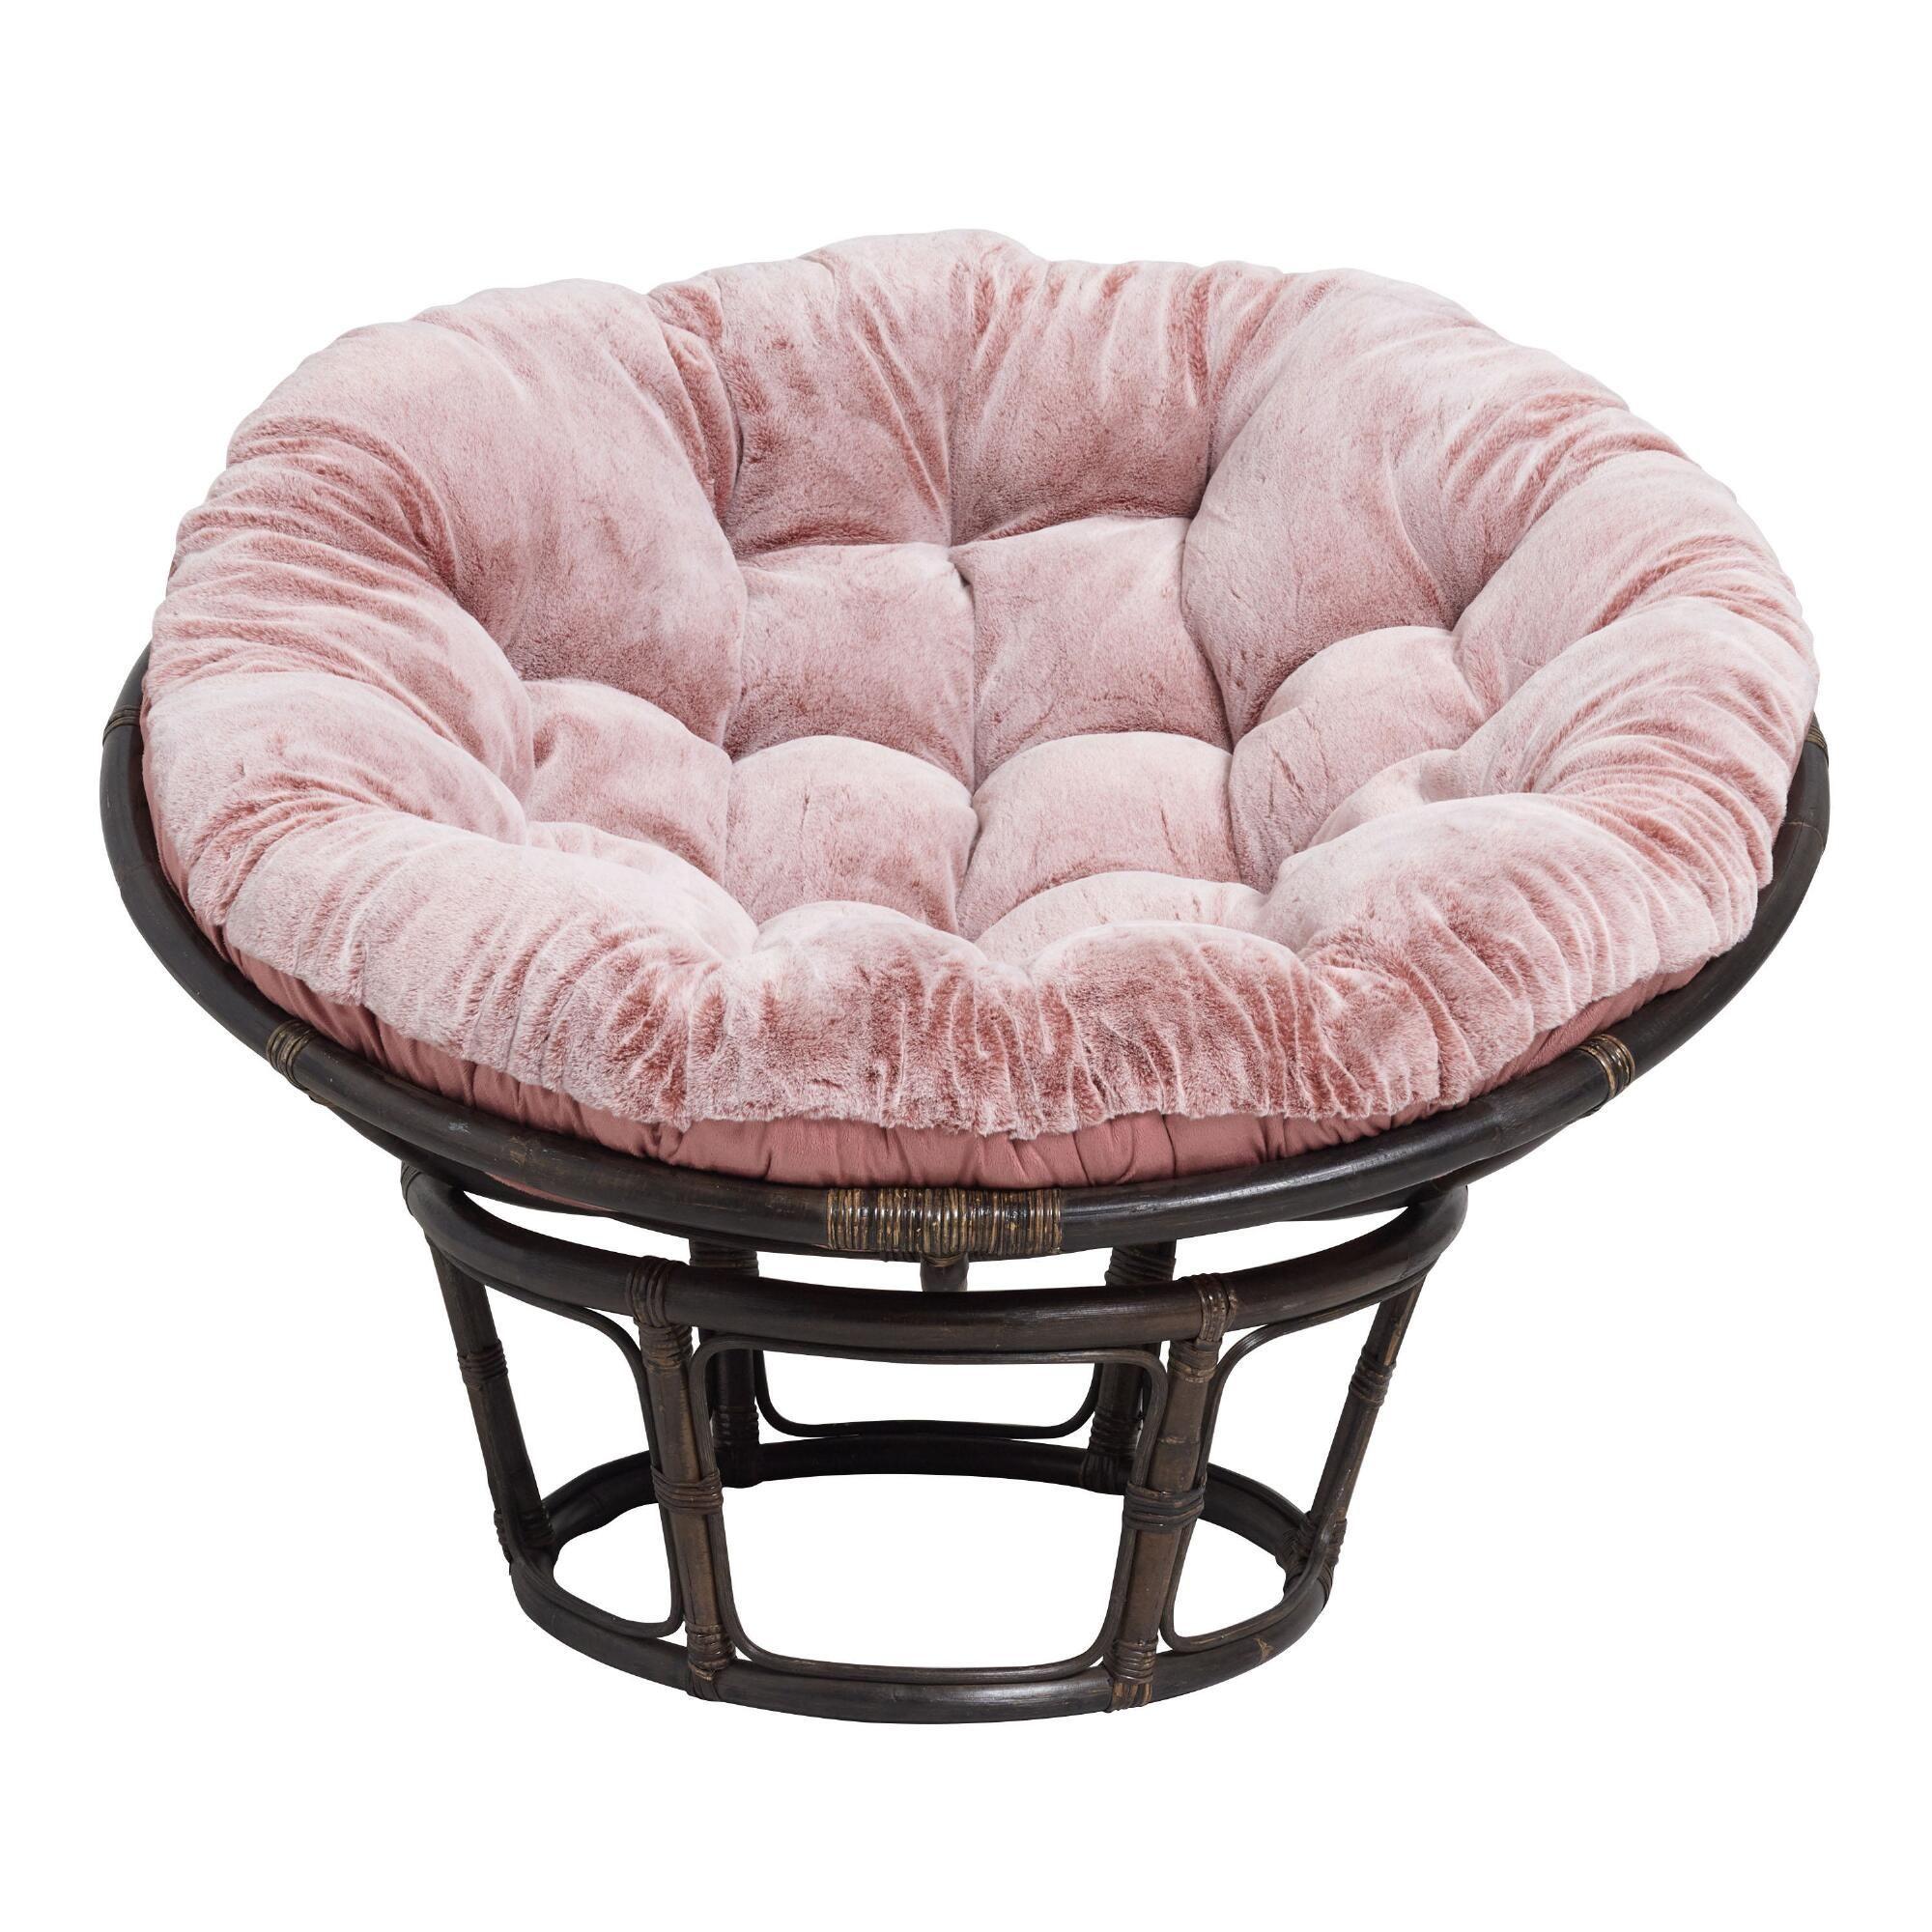 Dusty Rose Faux Fur Papasan Chair Cushion In 2020 Papasan Chair